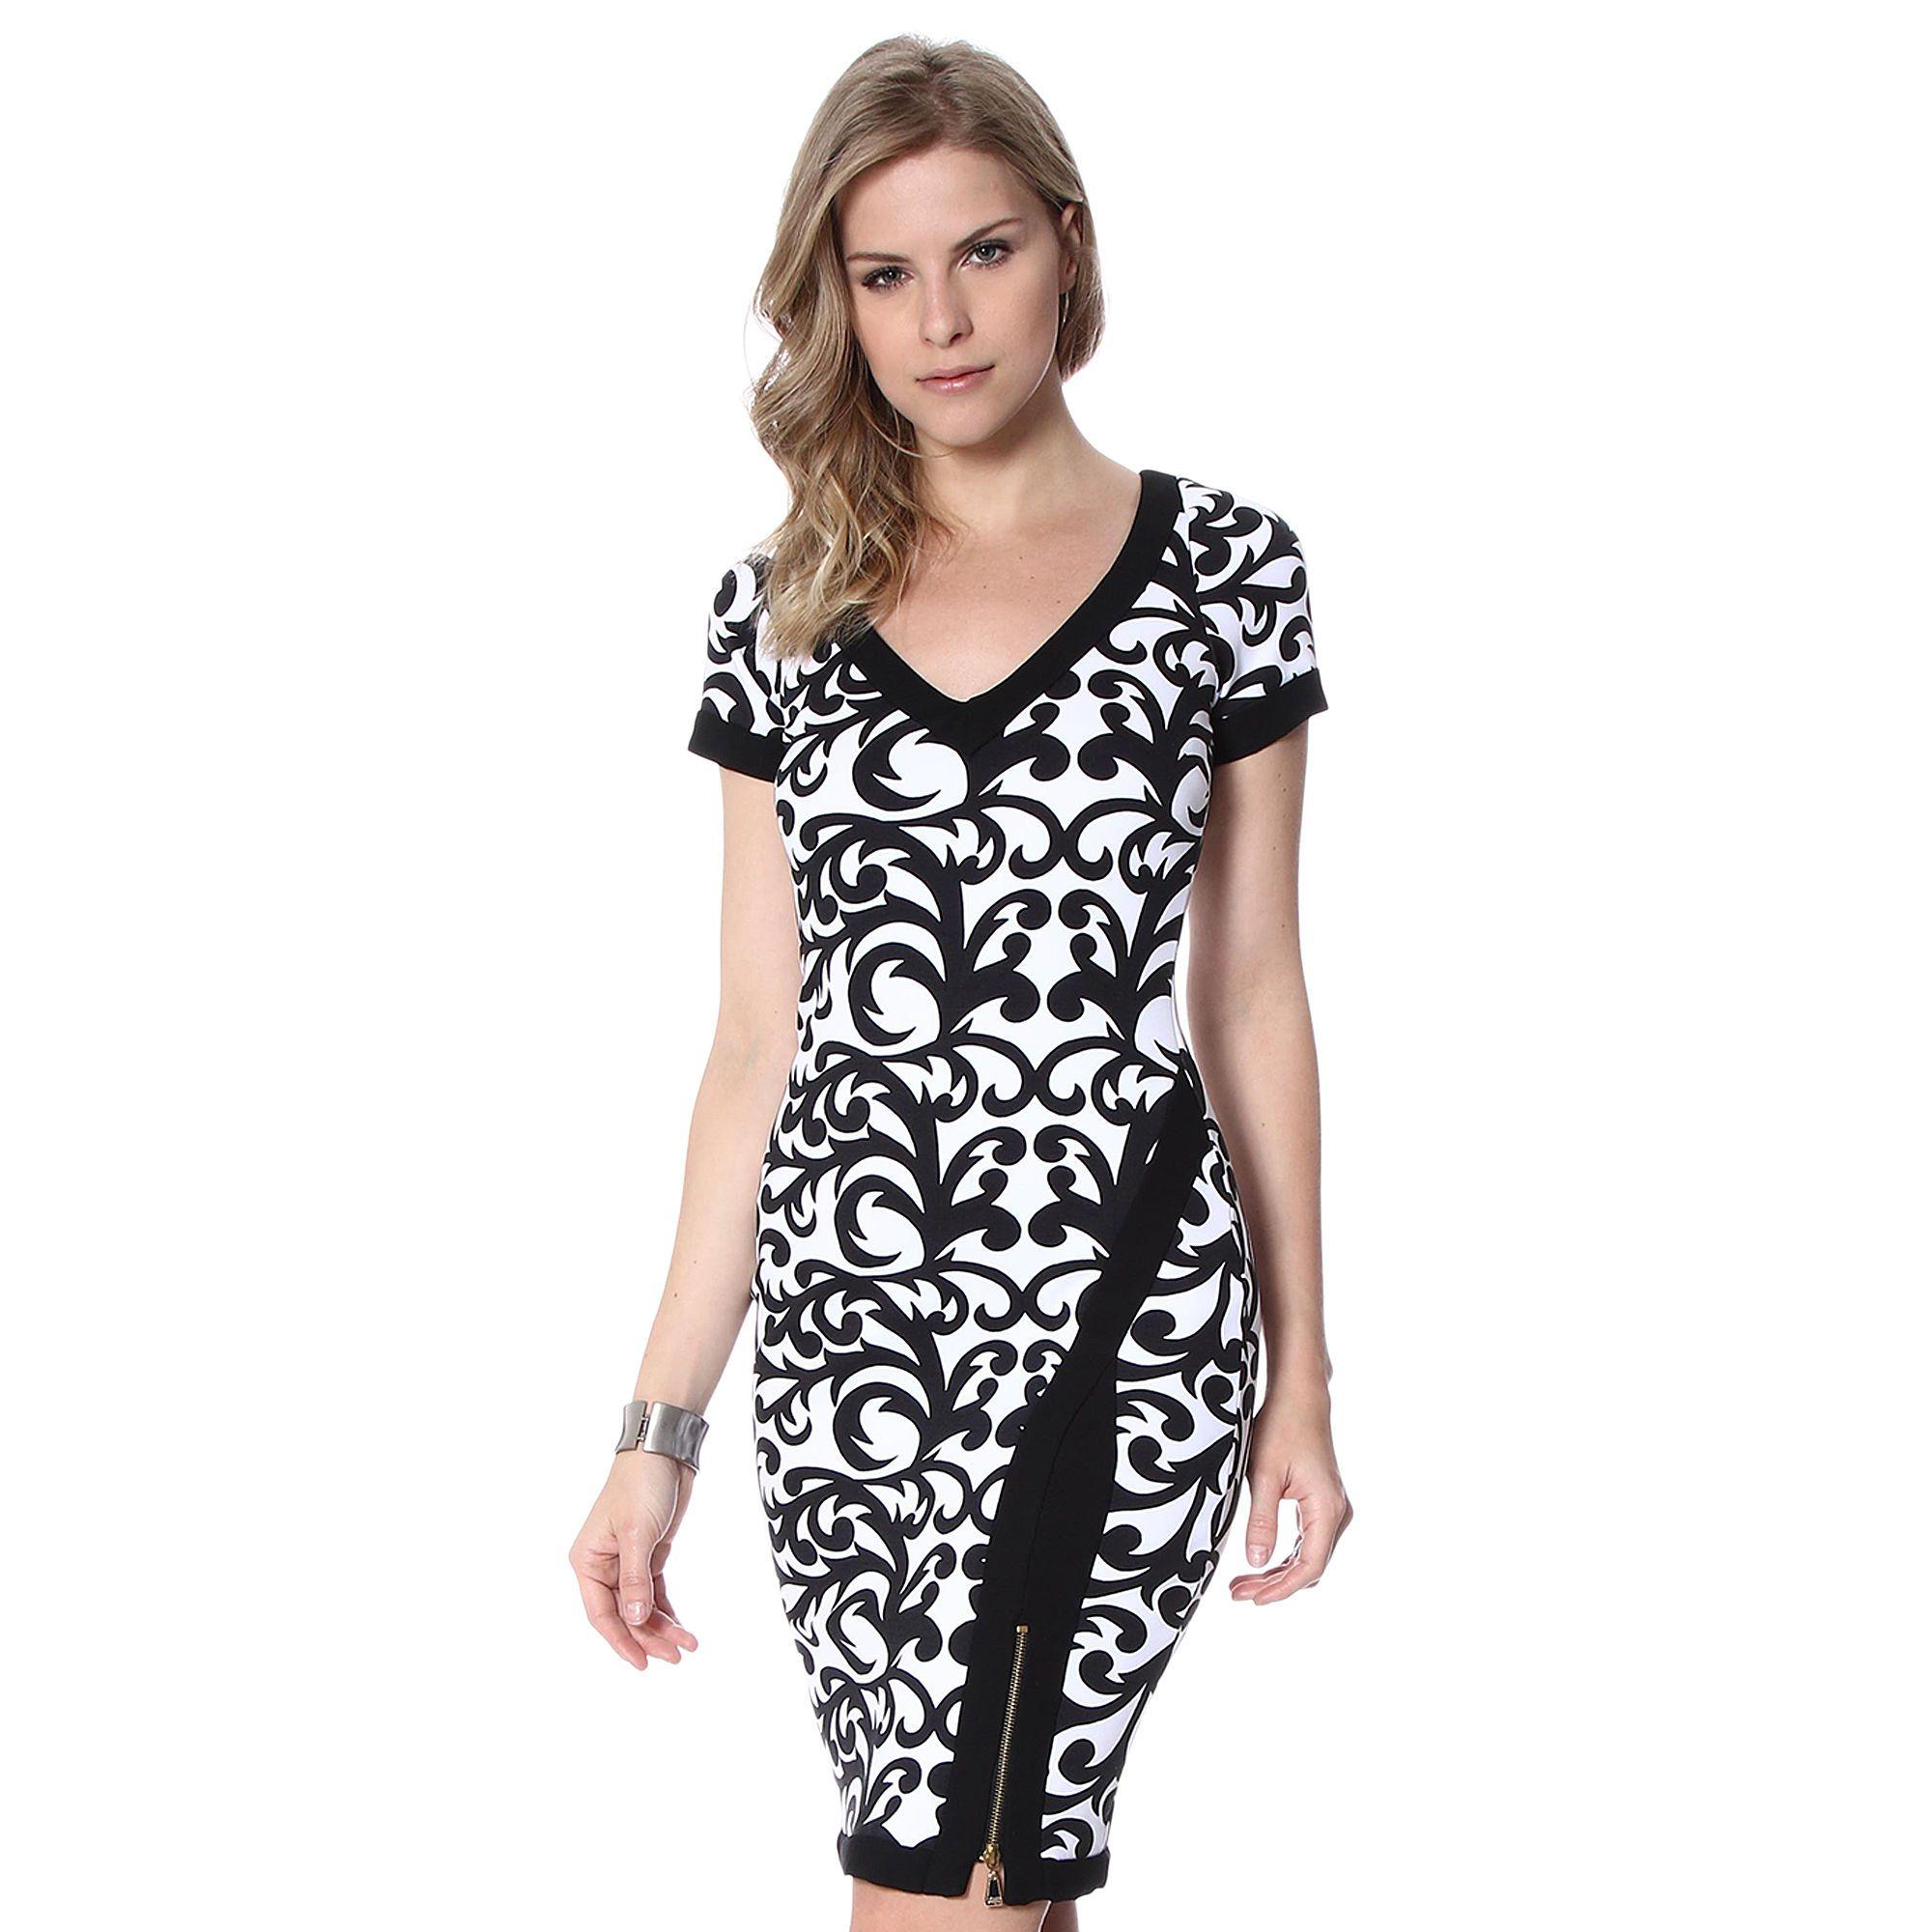 ead1cfbedb PRIVALIA - O outlet online de moda Nº1 no Brasil Vestidos Curtos